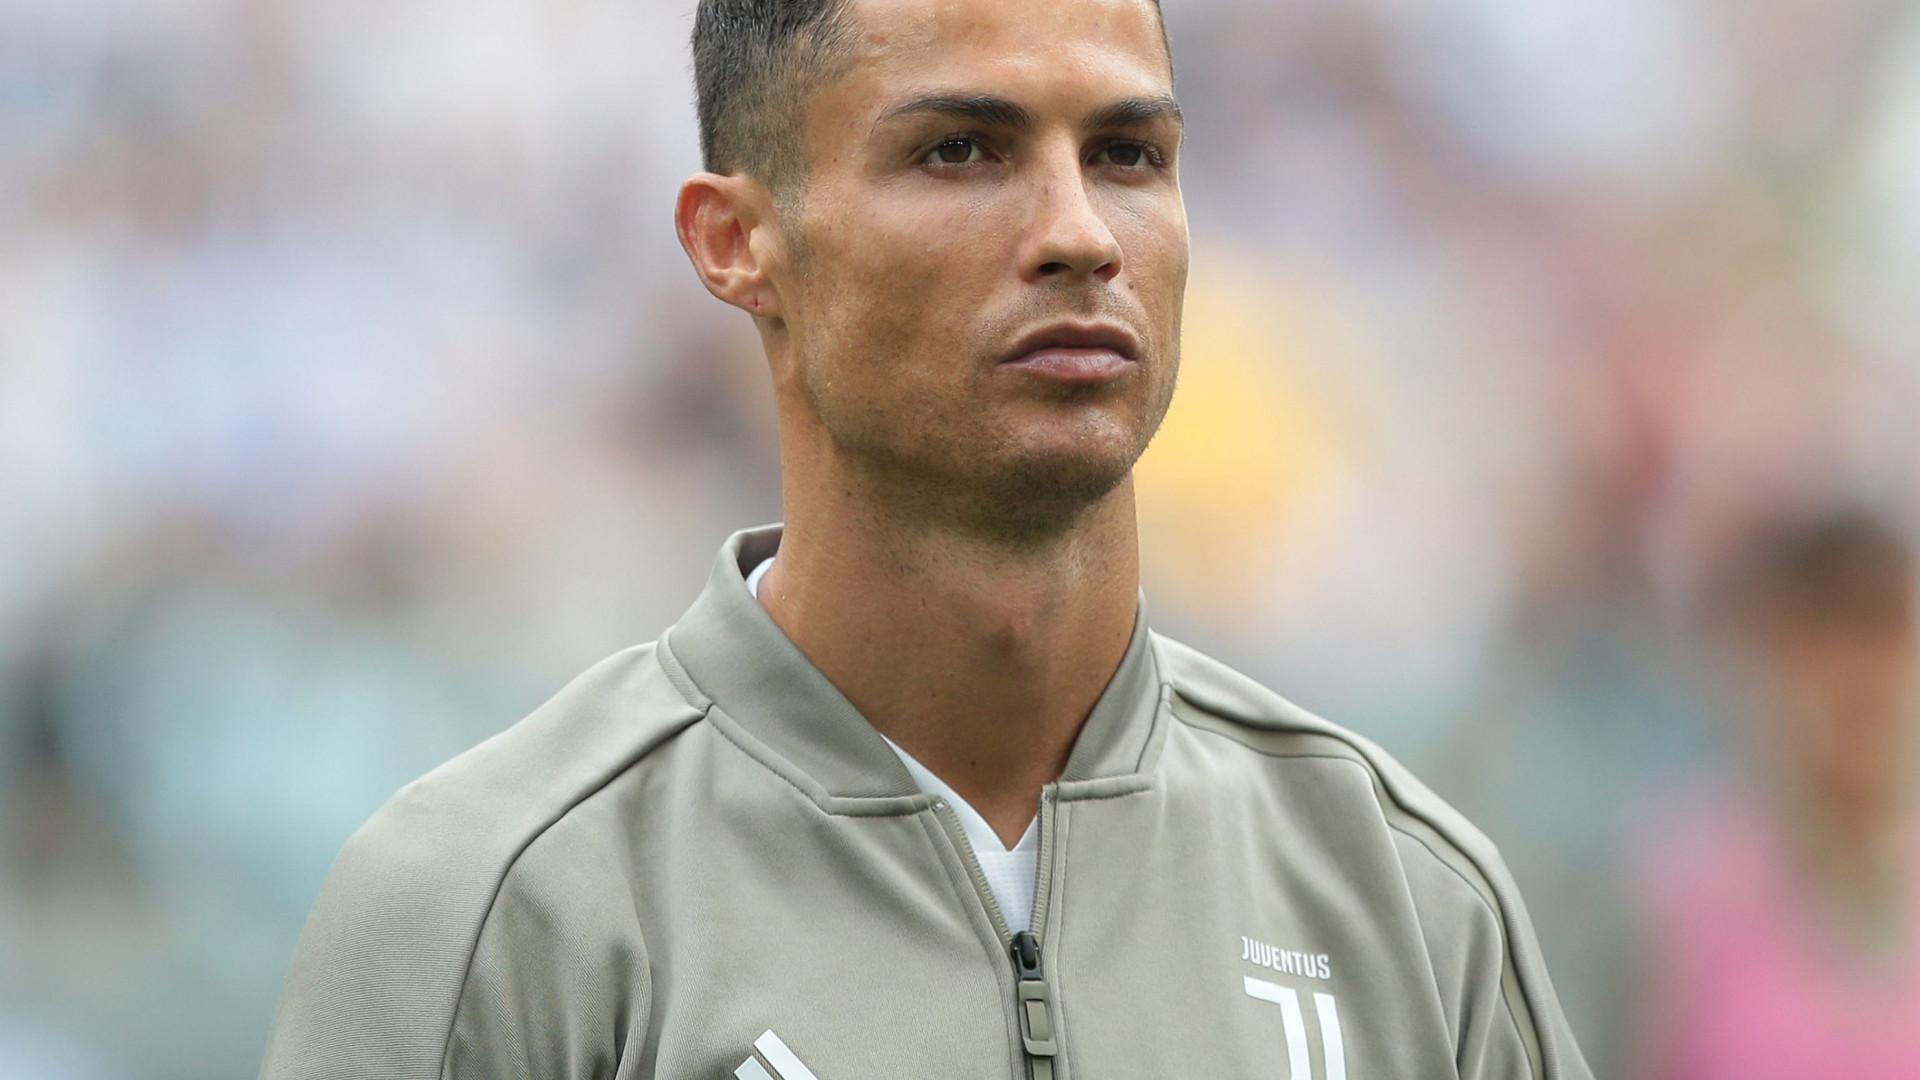 Divulgado acordo feito entre Ronaldo e a mulher que o acusa de violação